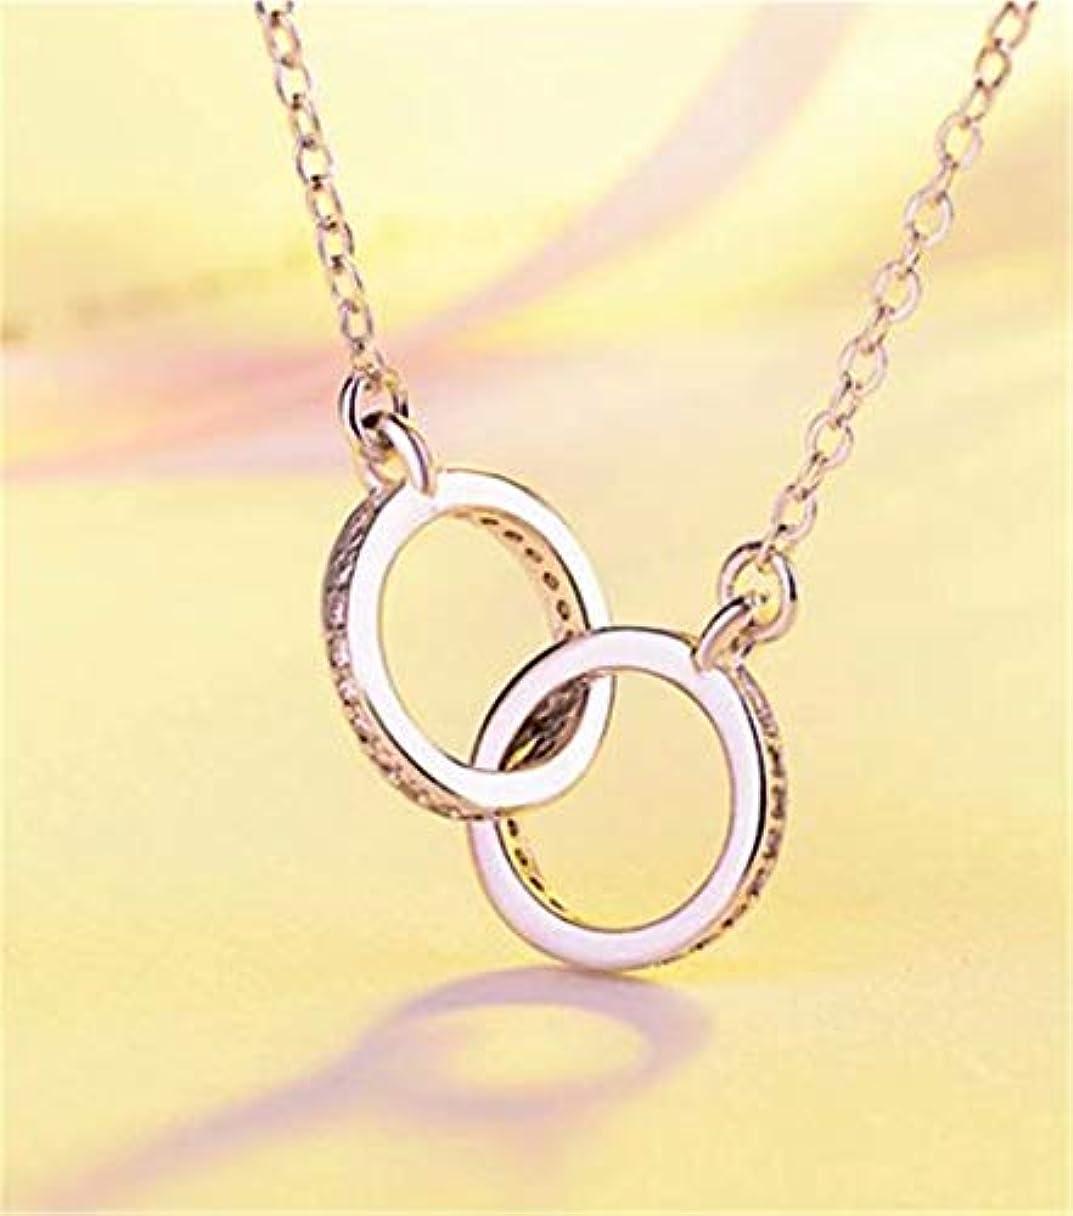 彼女の求めるジョグ七里の香 ネックレス レディース ダブル リング シルバー シンプル プレゼント